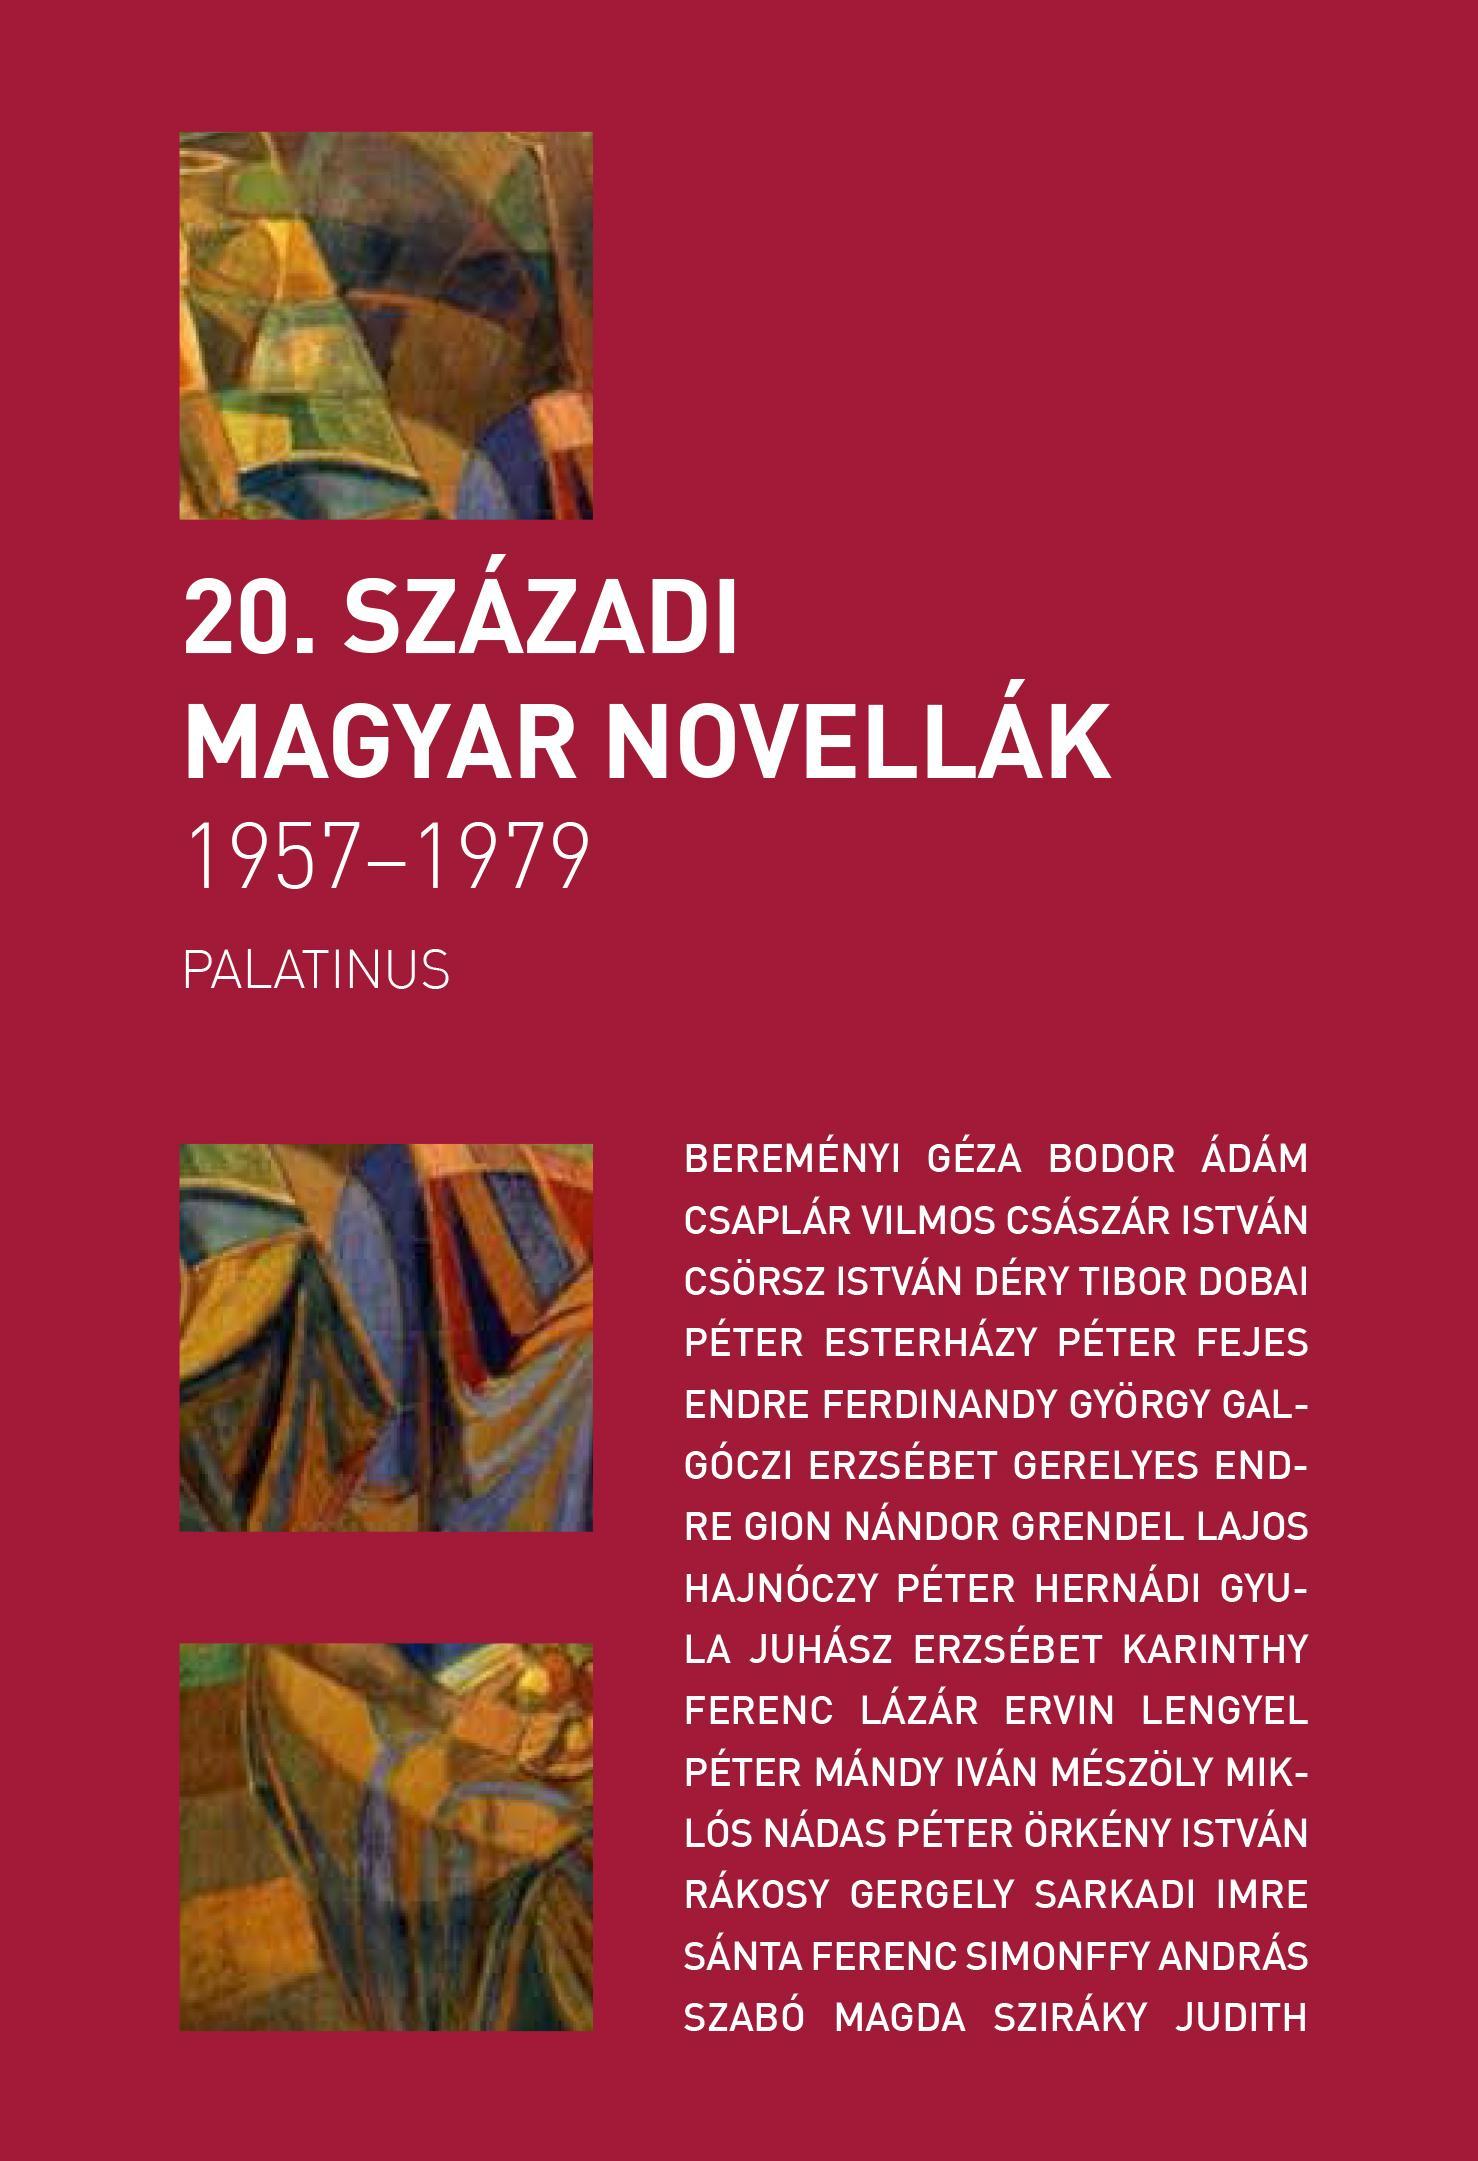 20. SZÁZADI MAGYAR NOVELLÁK 1957-1979